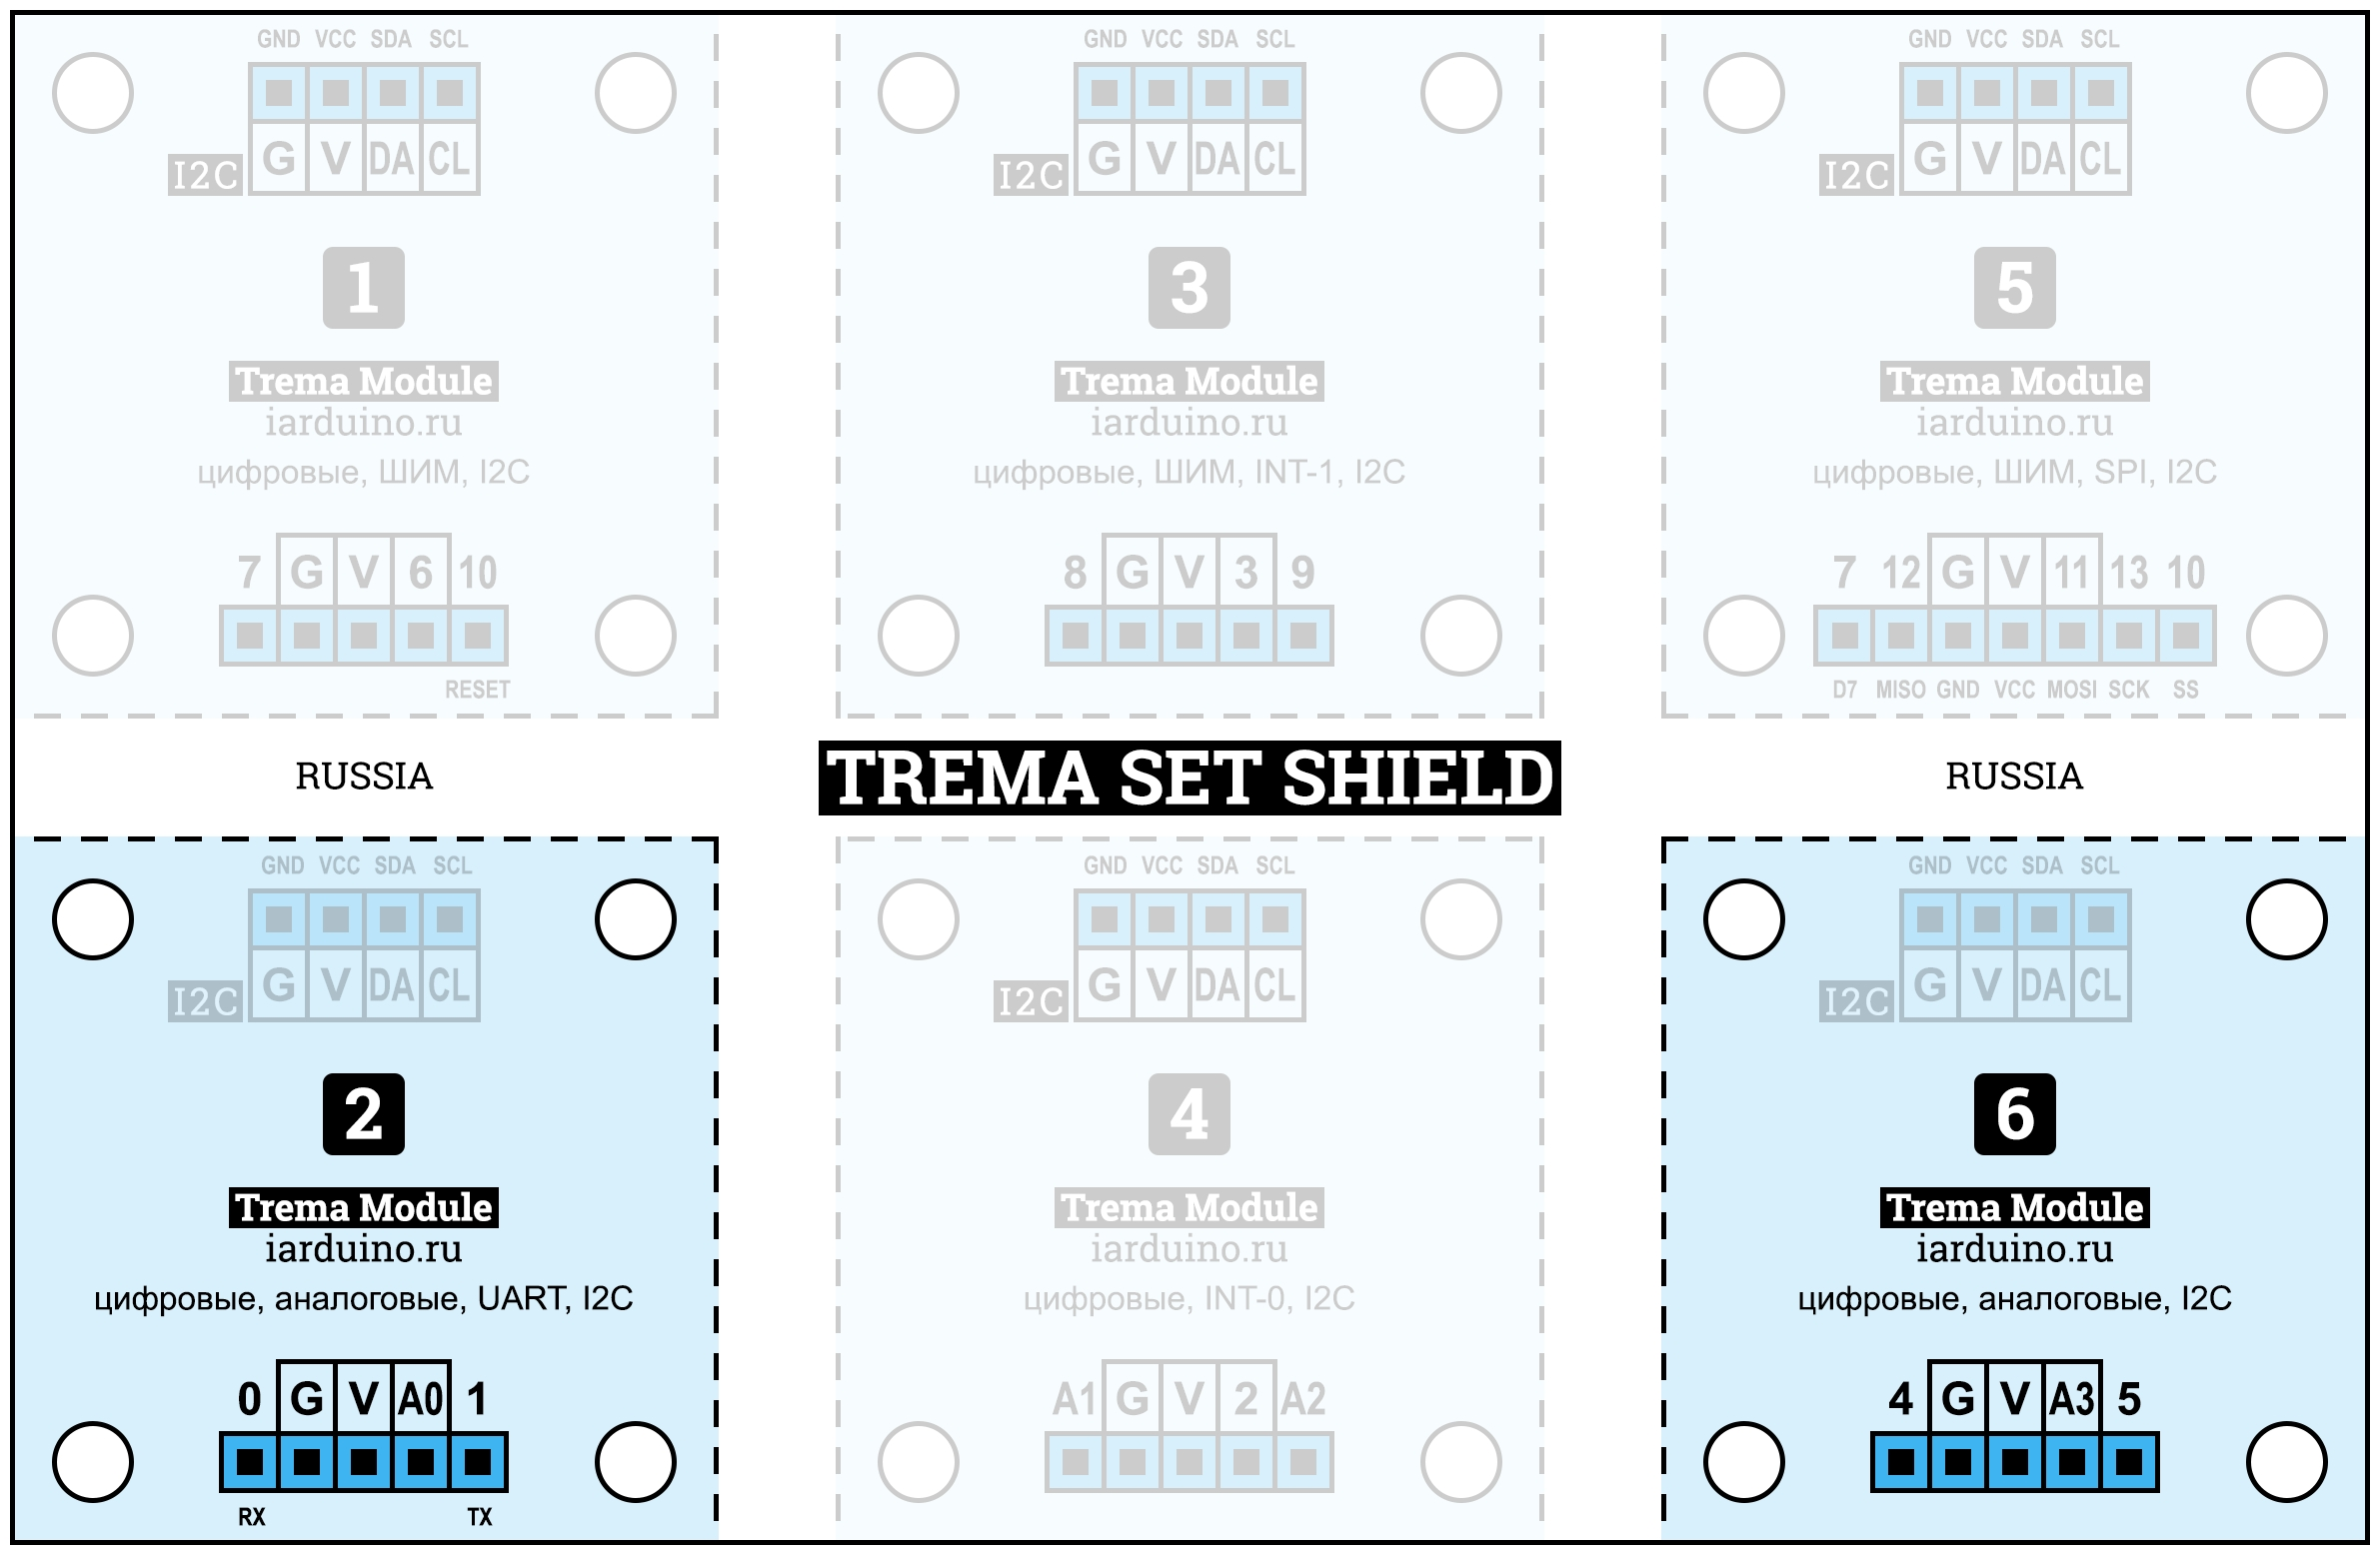 Схема подключения аналоговых модулей с 5 выводами к Trema Set Shield